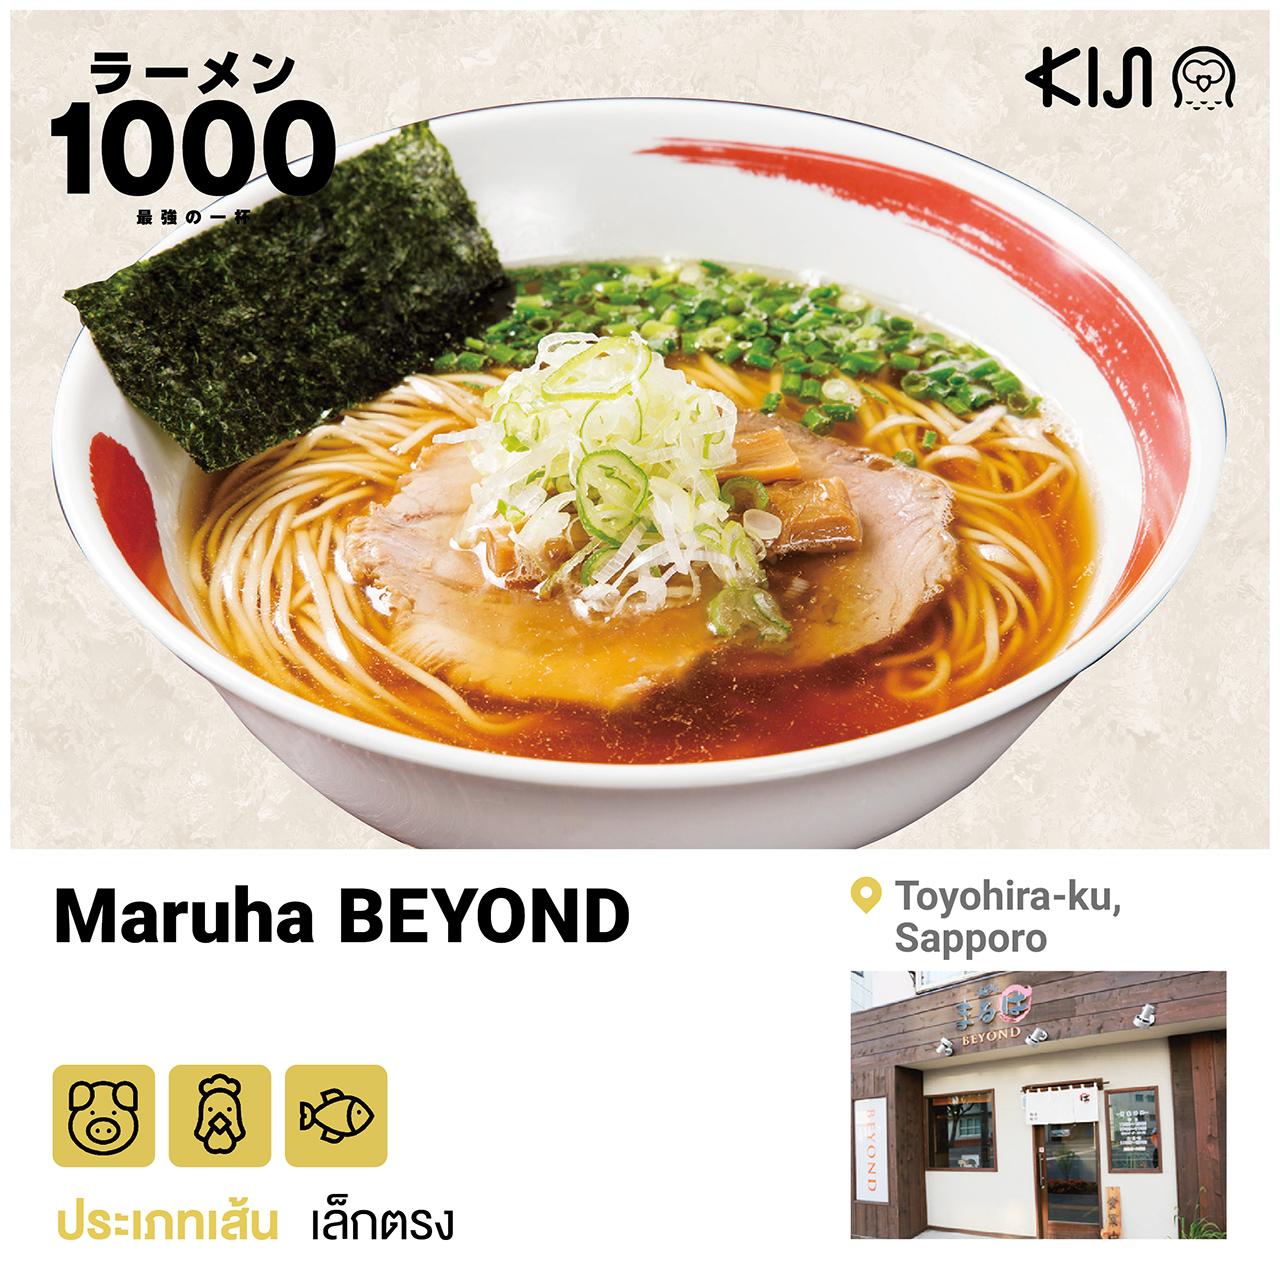 ร้านราเมนในฮอกไกโด - Maruha BEYOND